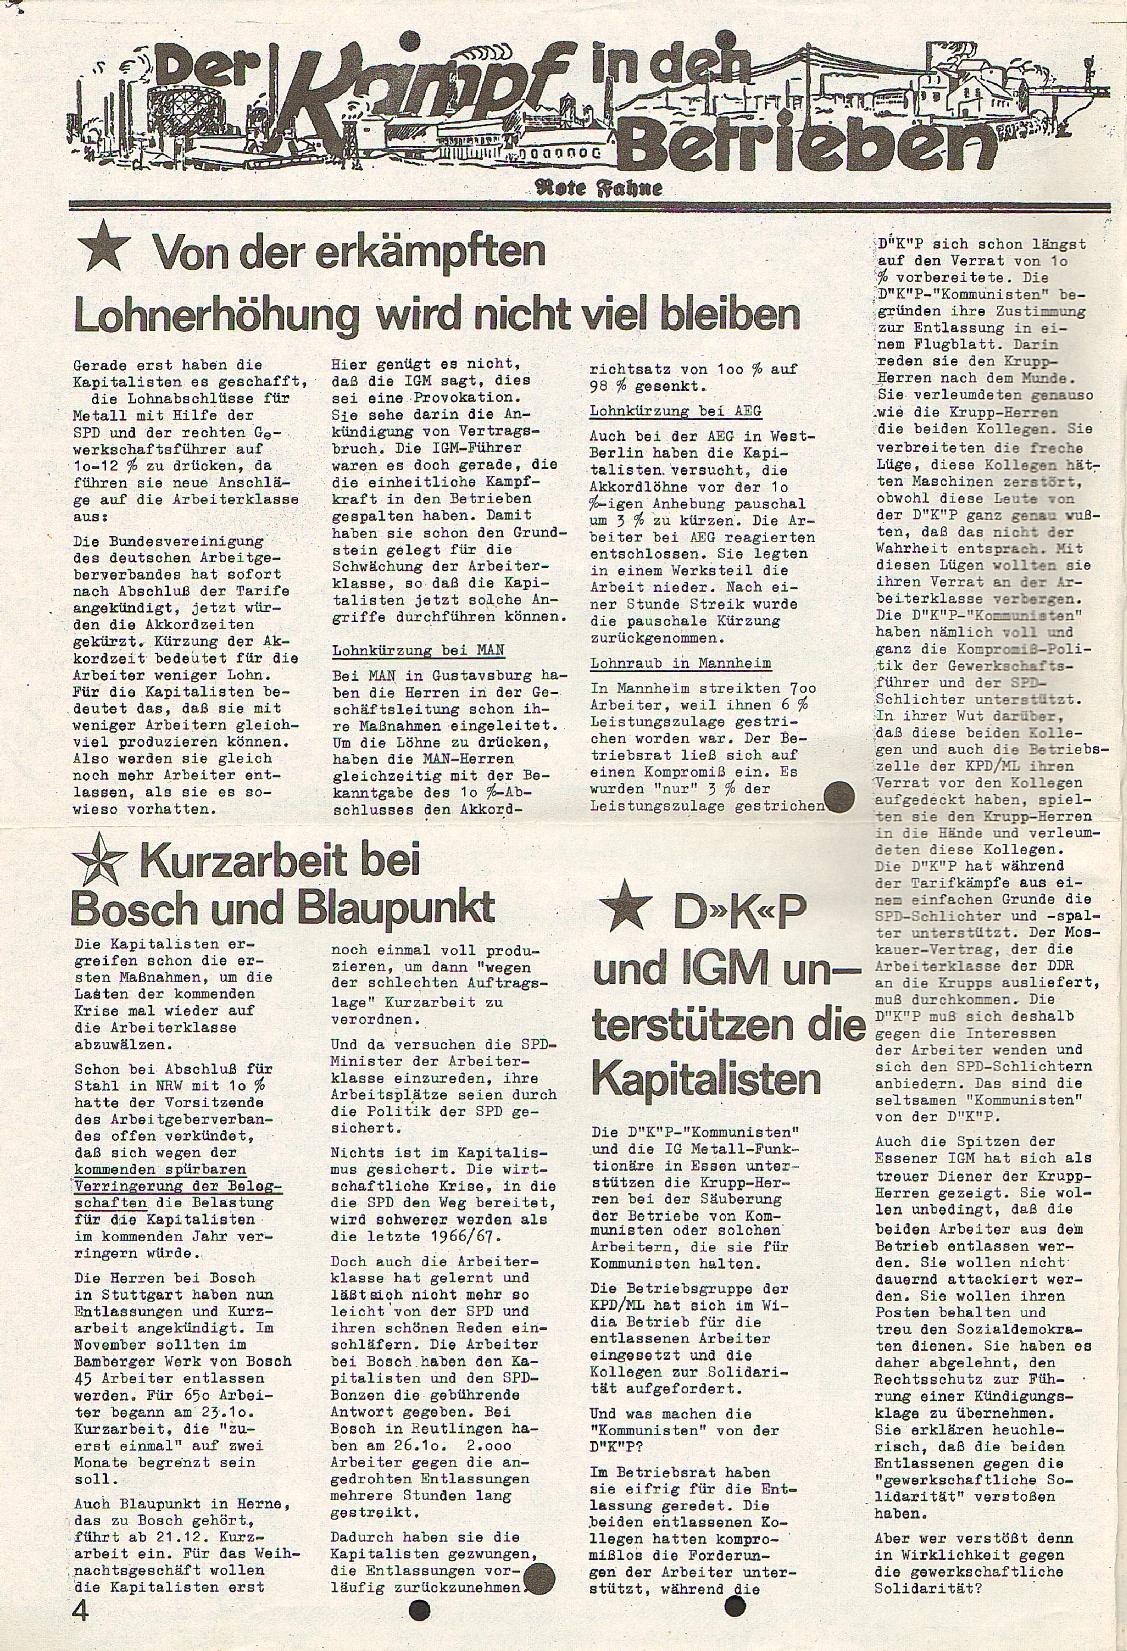 Rote Fahne, 1. Jg., 23.11.1970, Nr. 4, Seite 4